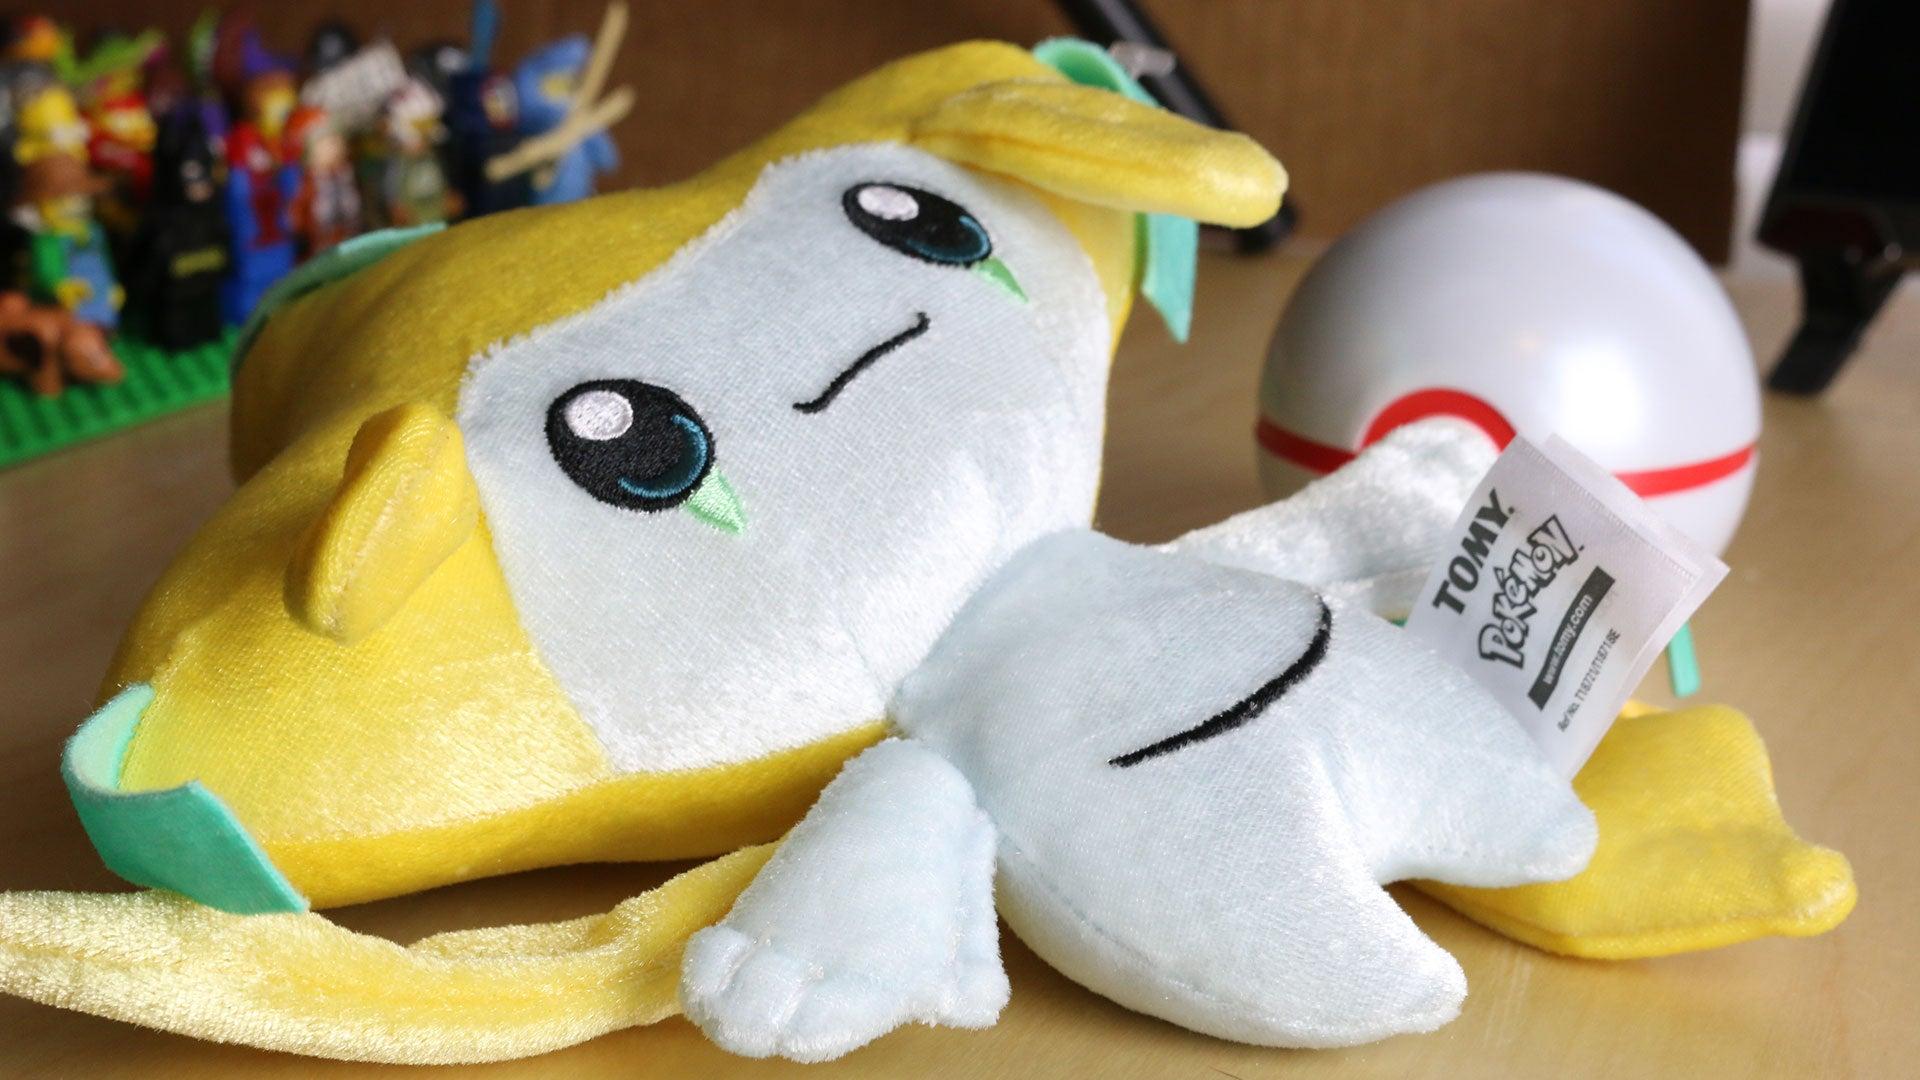 Shhh, April's Mythical Pokémon Is Sleeping